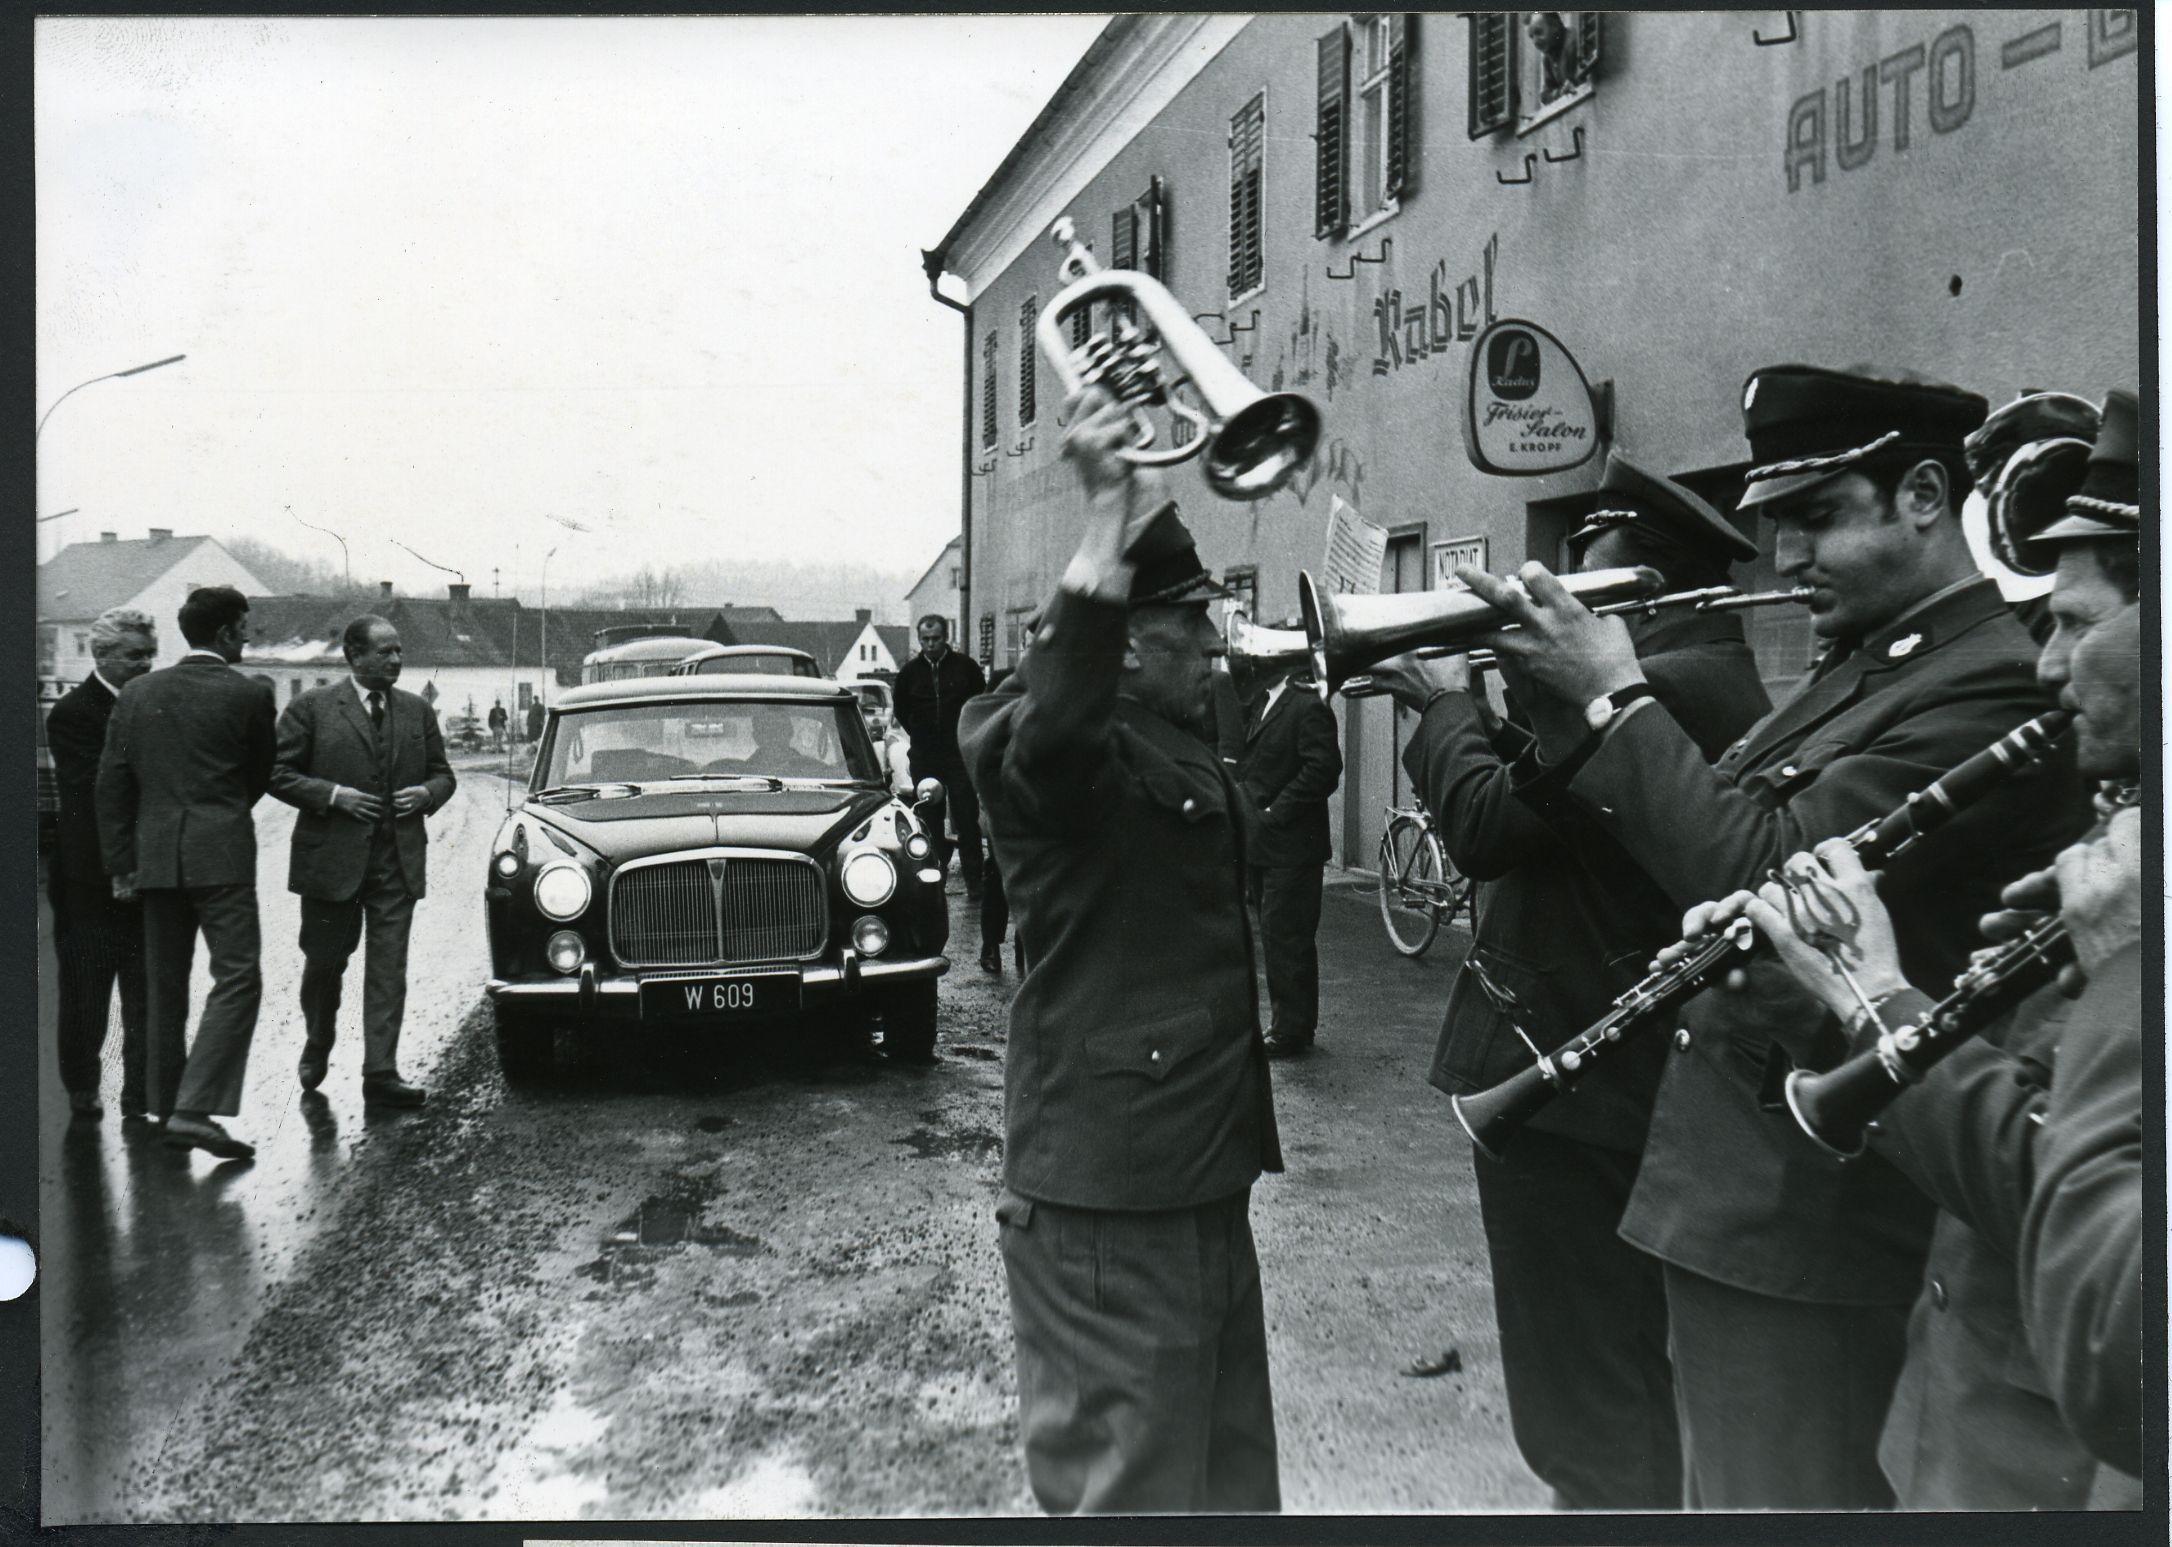 Auf Wahlkampftour 1970: Bundeskanzler Bruno Kreisky entsteigt Rover P5, ein Auto seiner Leibmarke.